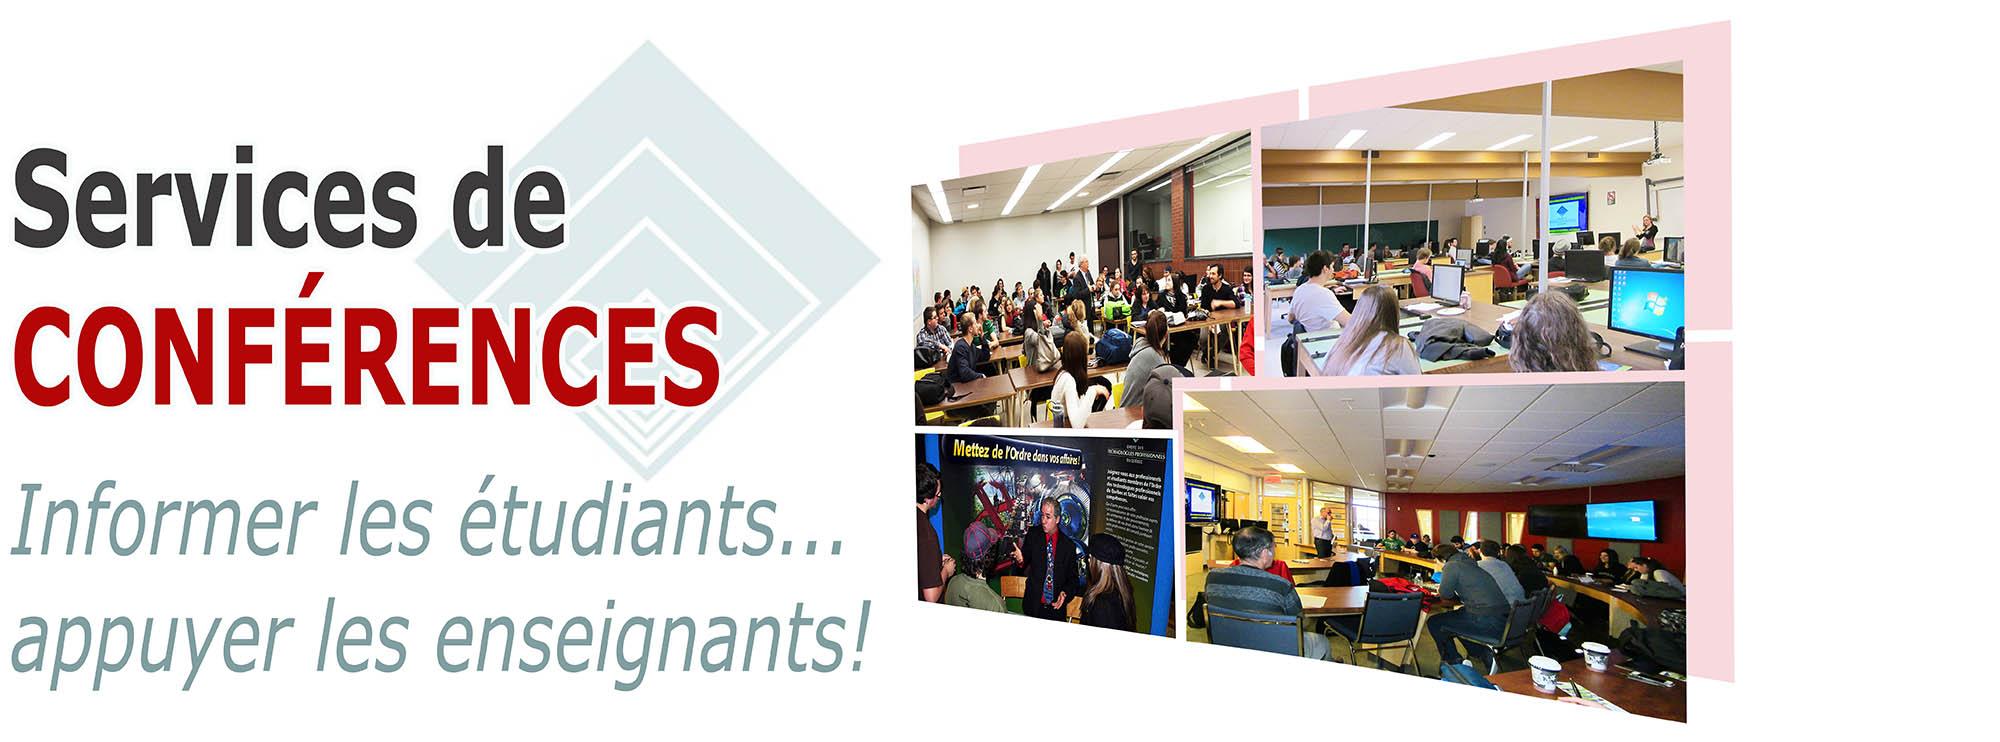 Services de conférences - Informer les étudiants... appuyer les enseignants! - Portail étudiant OTPQ